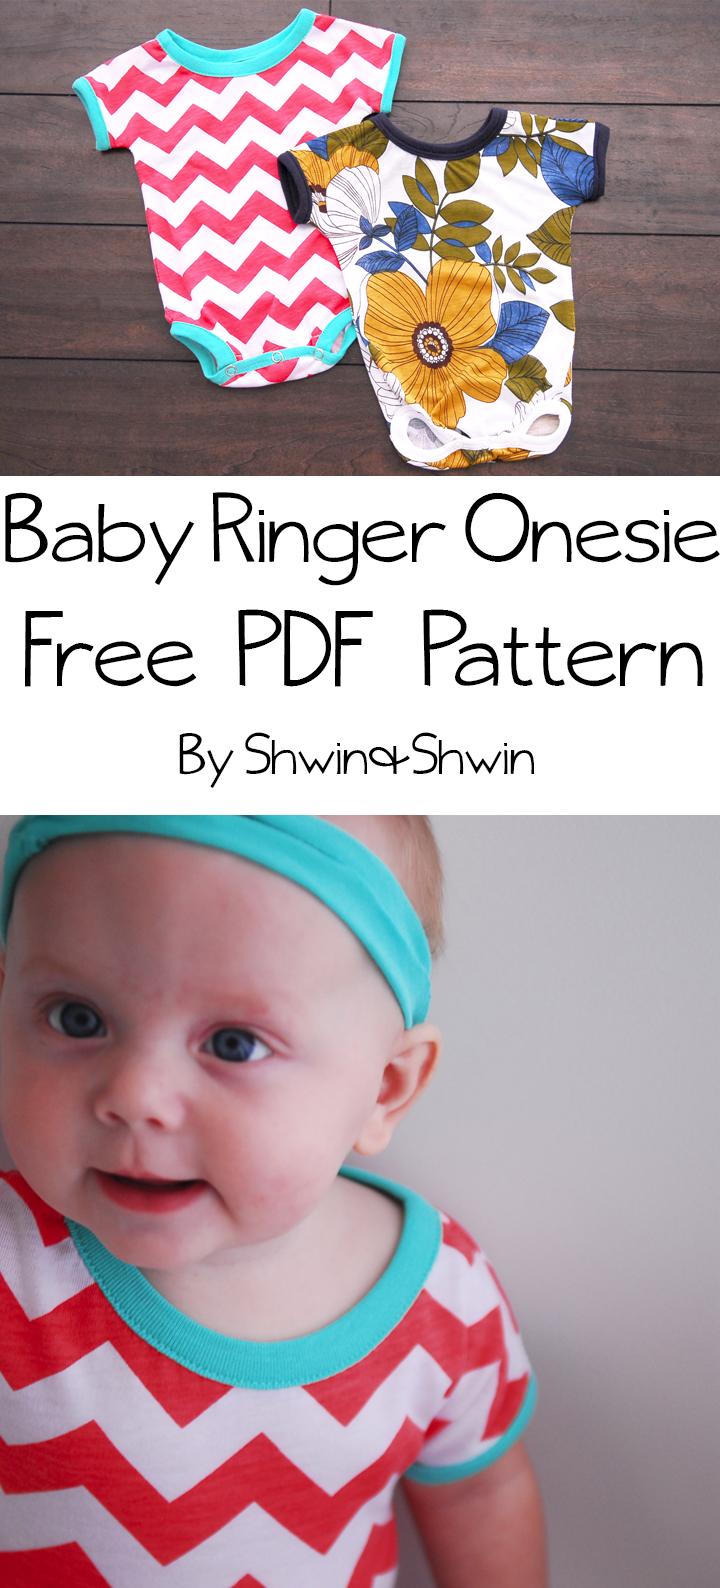 Baby Ringer Onesie